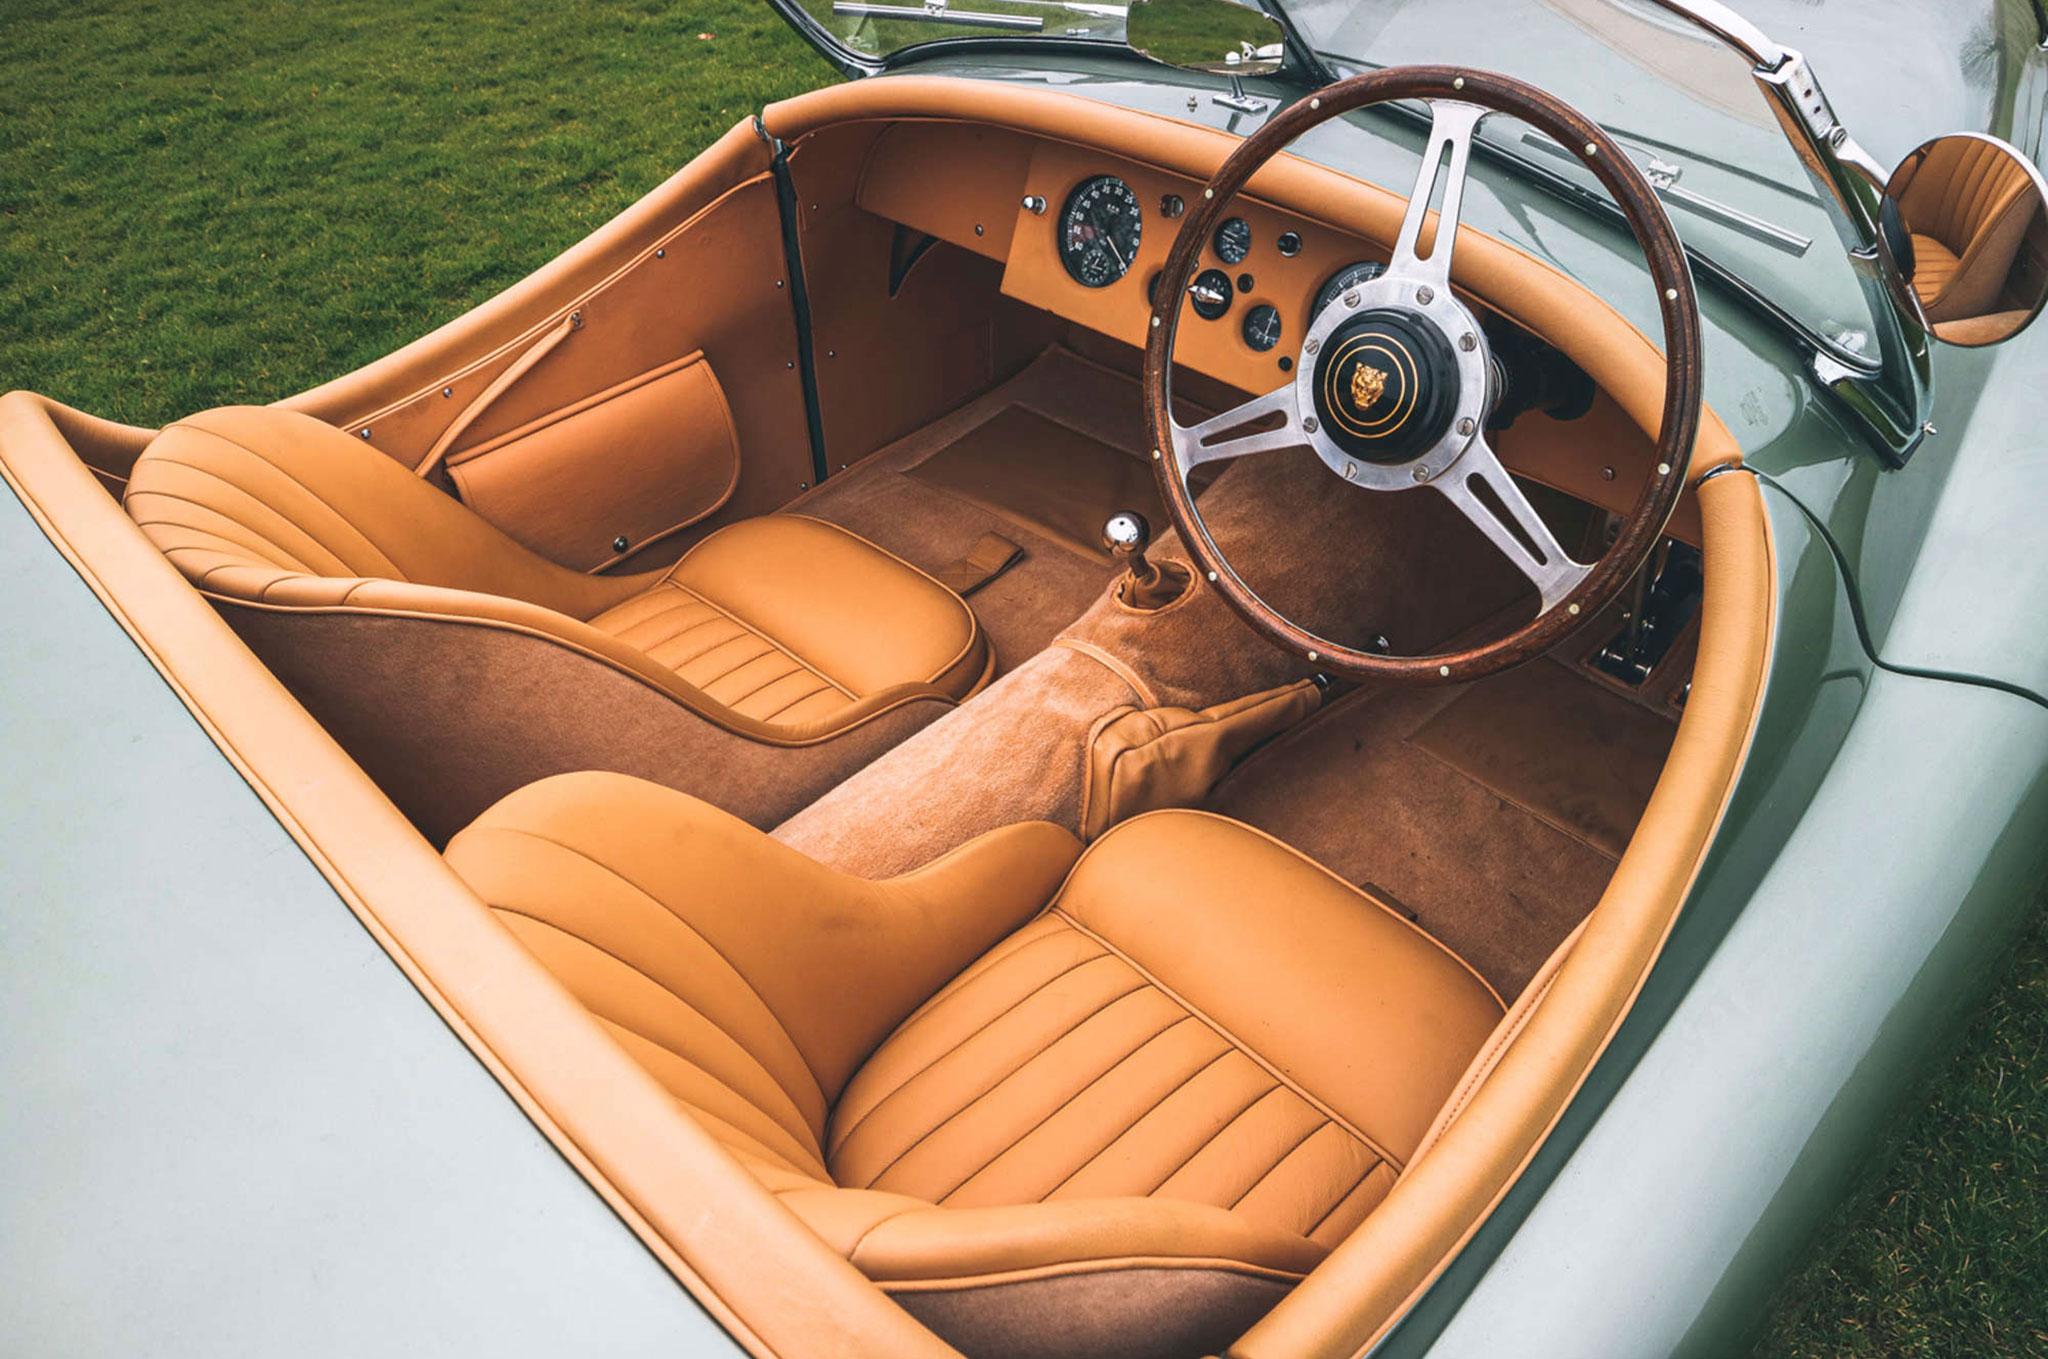 1952 Jaguar XK 120 OTS détail des siège sport cuir biscuit option usine.